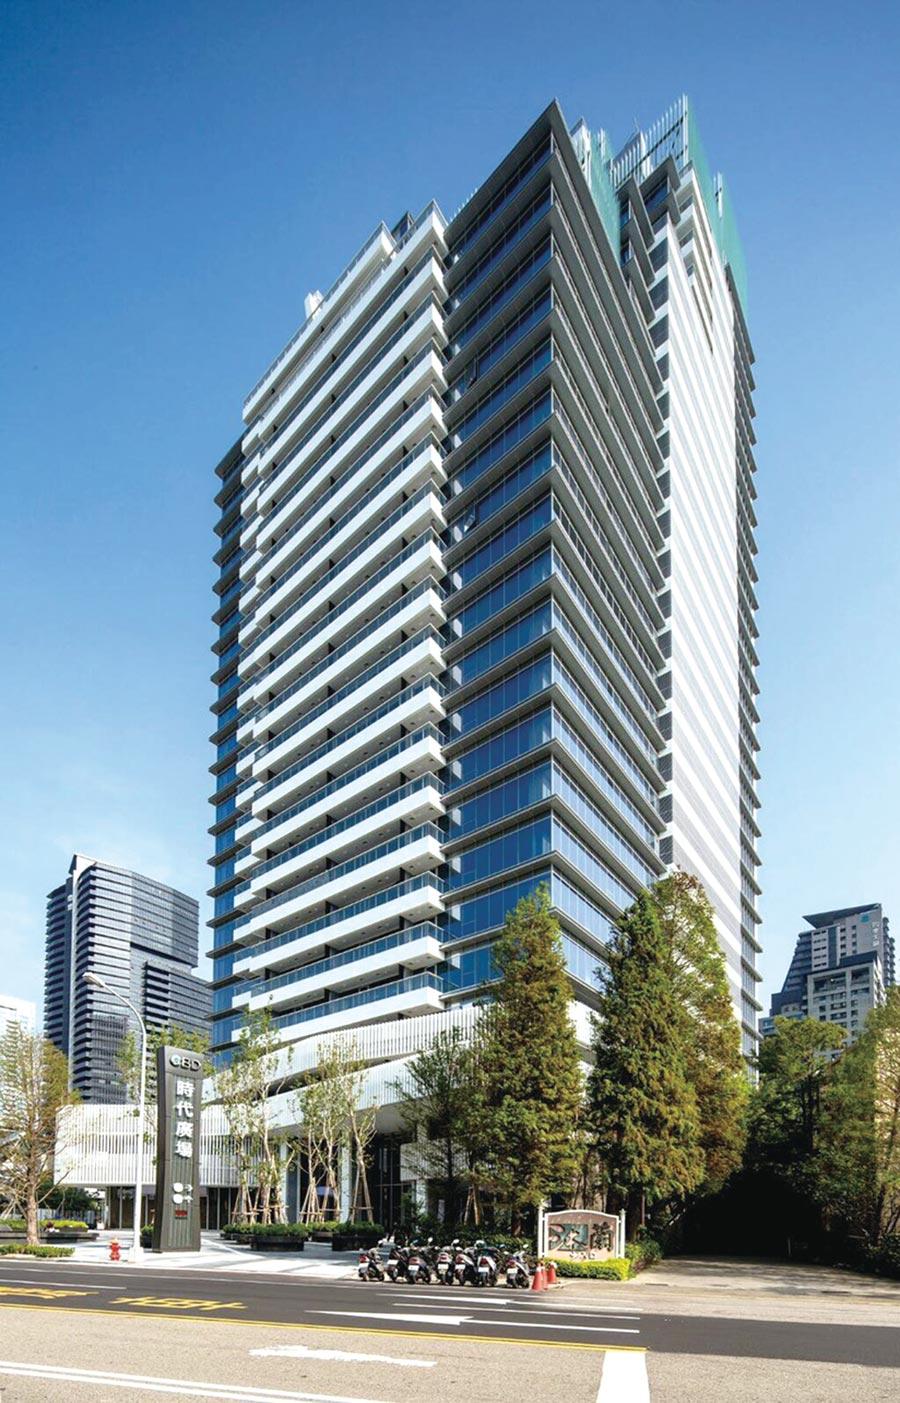 興富發建設旗下博元建設的台中「CBD時代廣場」被台銀人壽以7.6億元「打包」,大賺1.8億元。圖/興富發建設提供